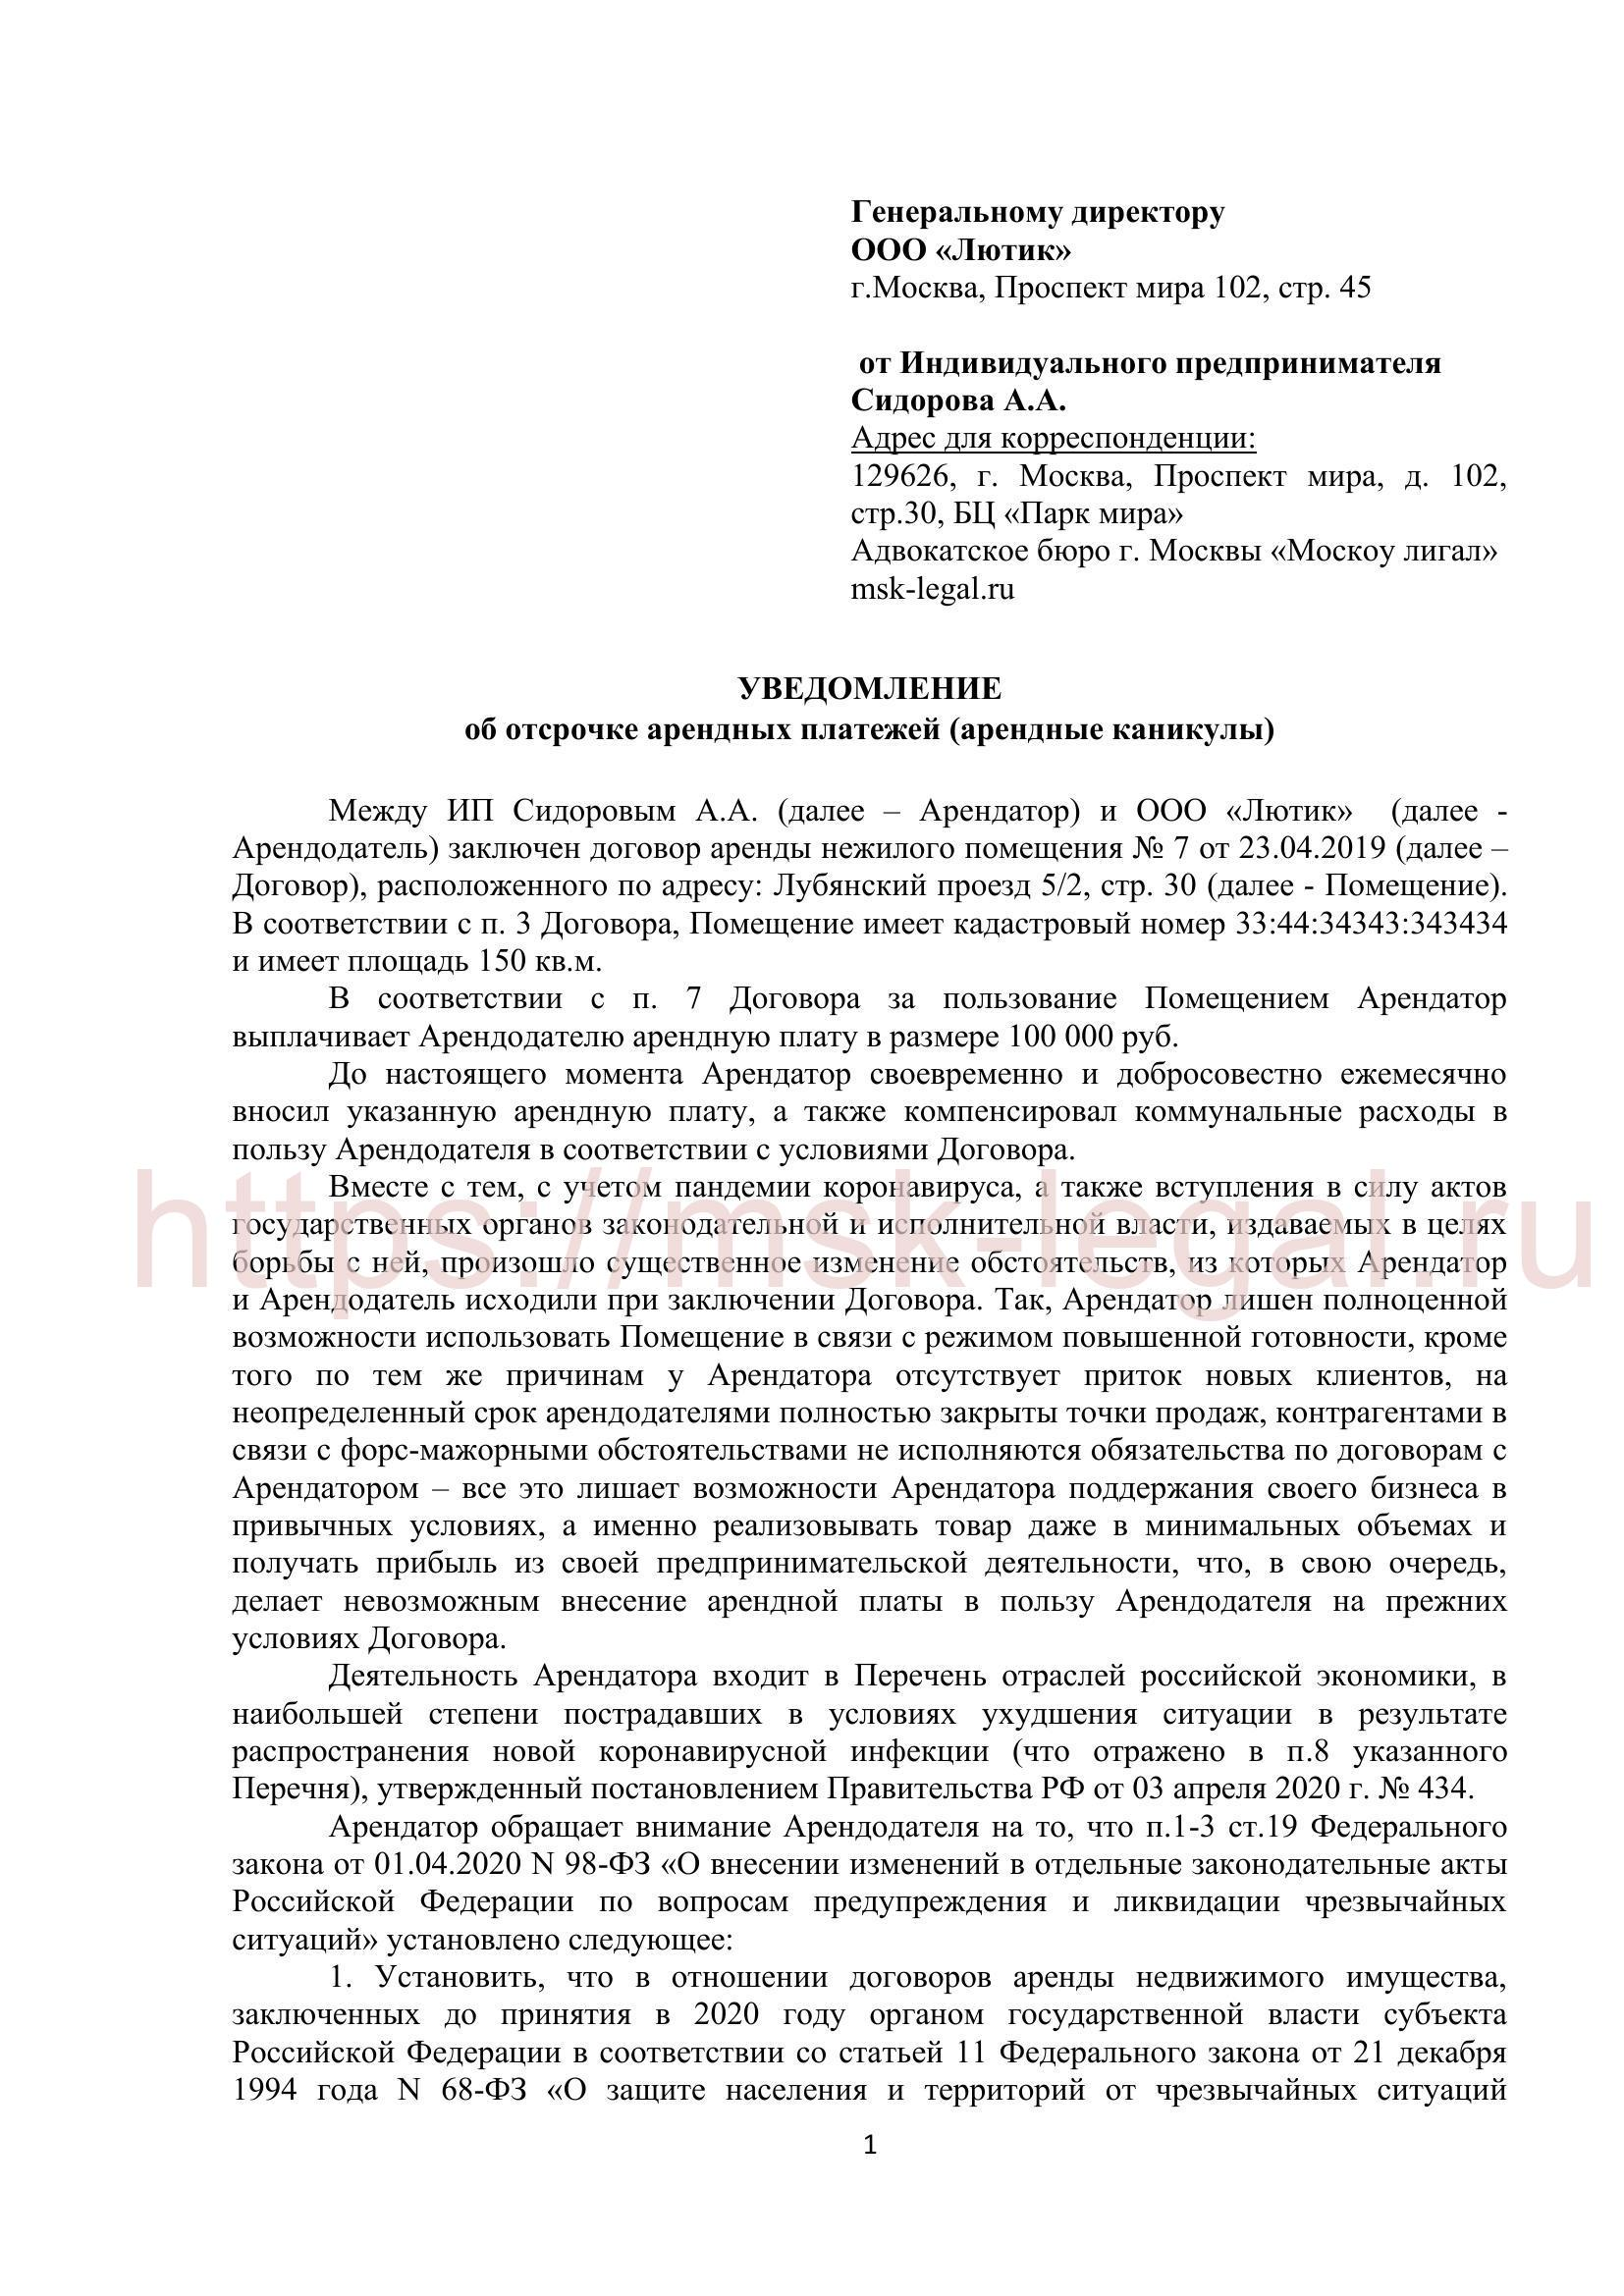 Письмо (заявление) на арендные каникулы из-за коронавируса